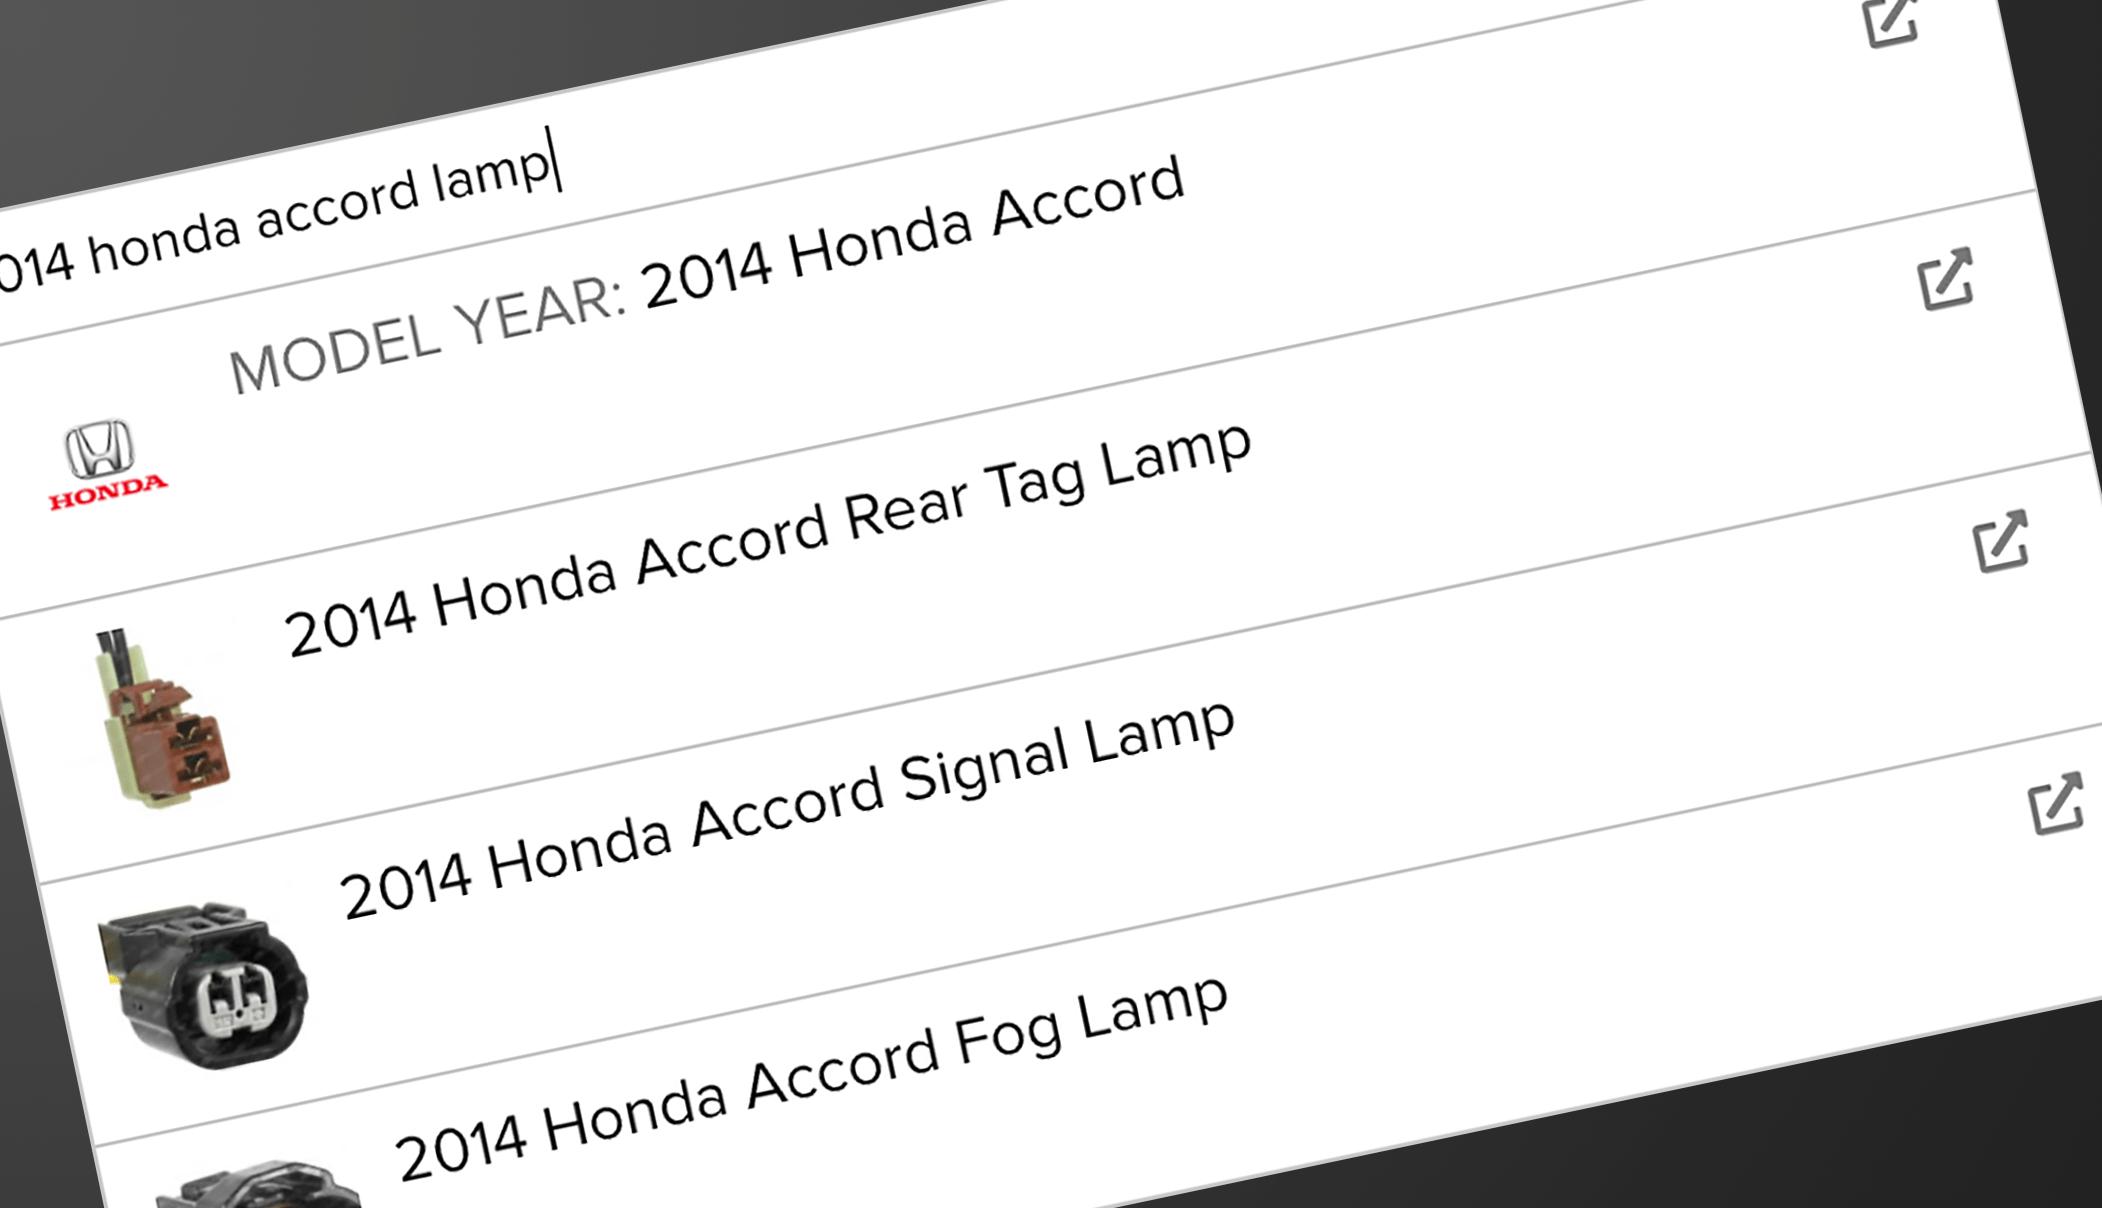 quick-search-honda-accord-002